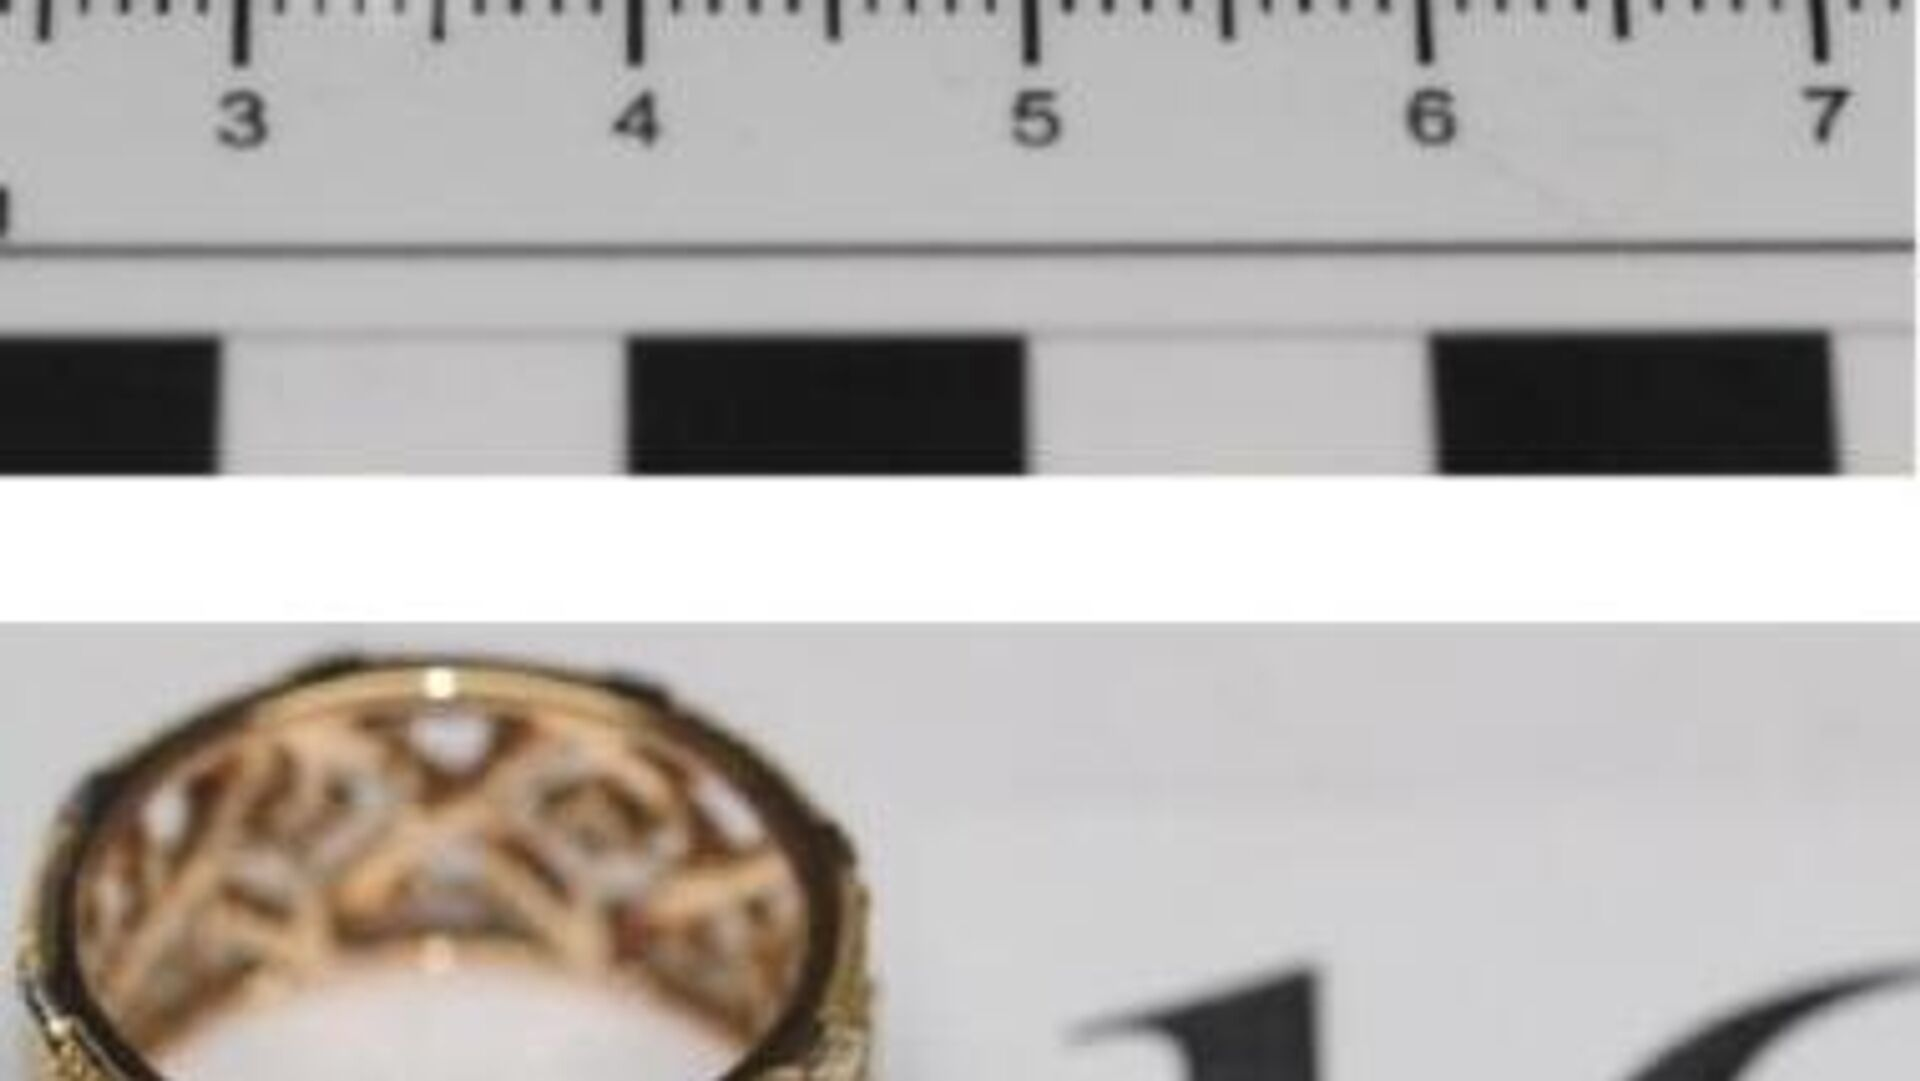 Таможенники в Шереметьево обнаружили у пассажирки из ОАЭ незадекларированные ювелирные изделия и кожгалантерею на 25,5 млн рублей - РИА Новости, 1920, 13.10.2021